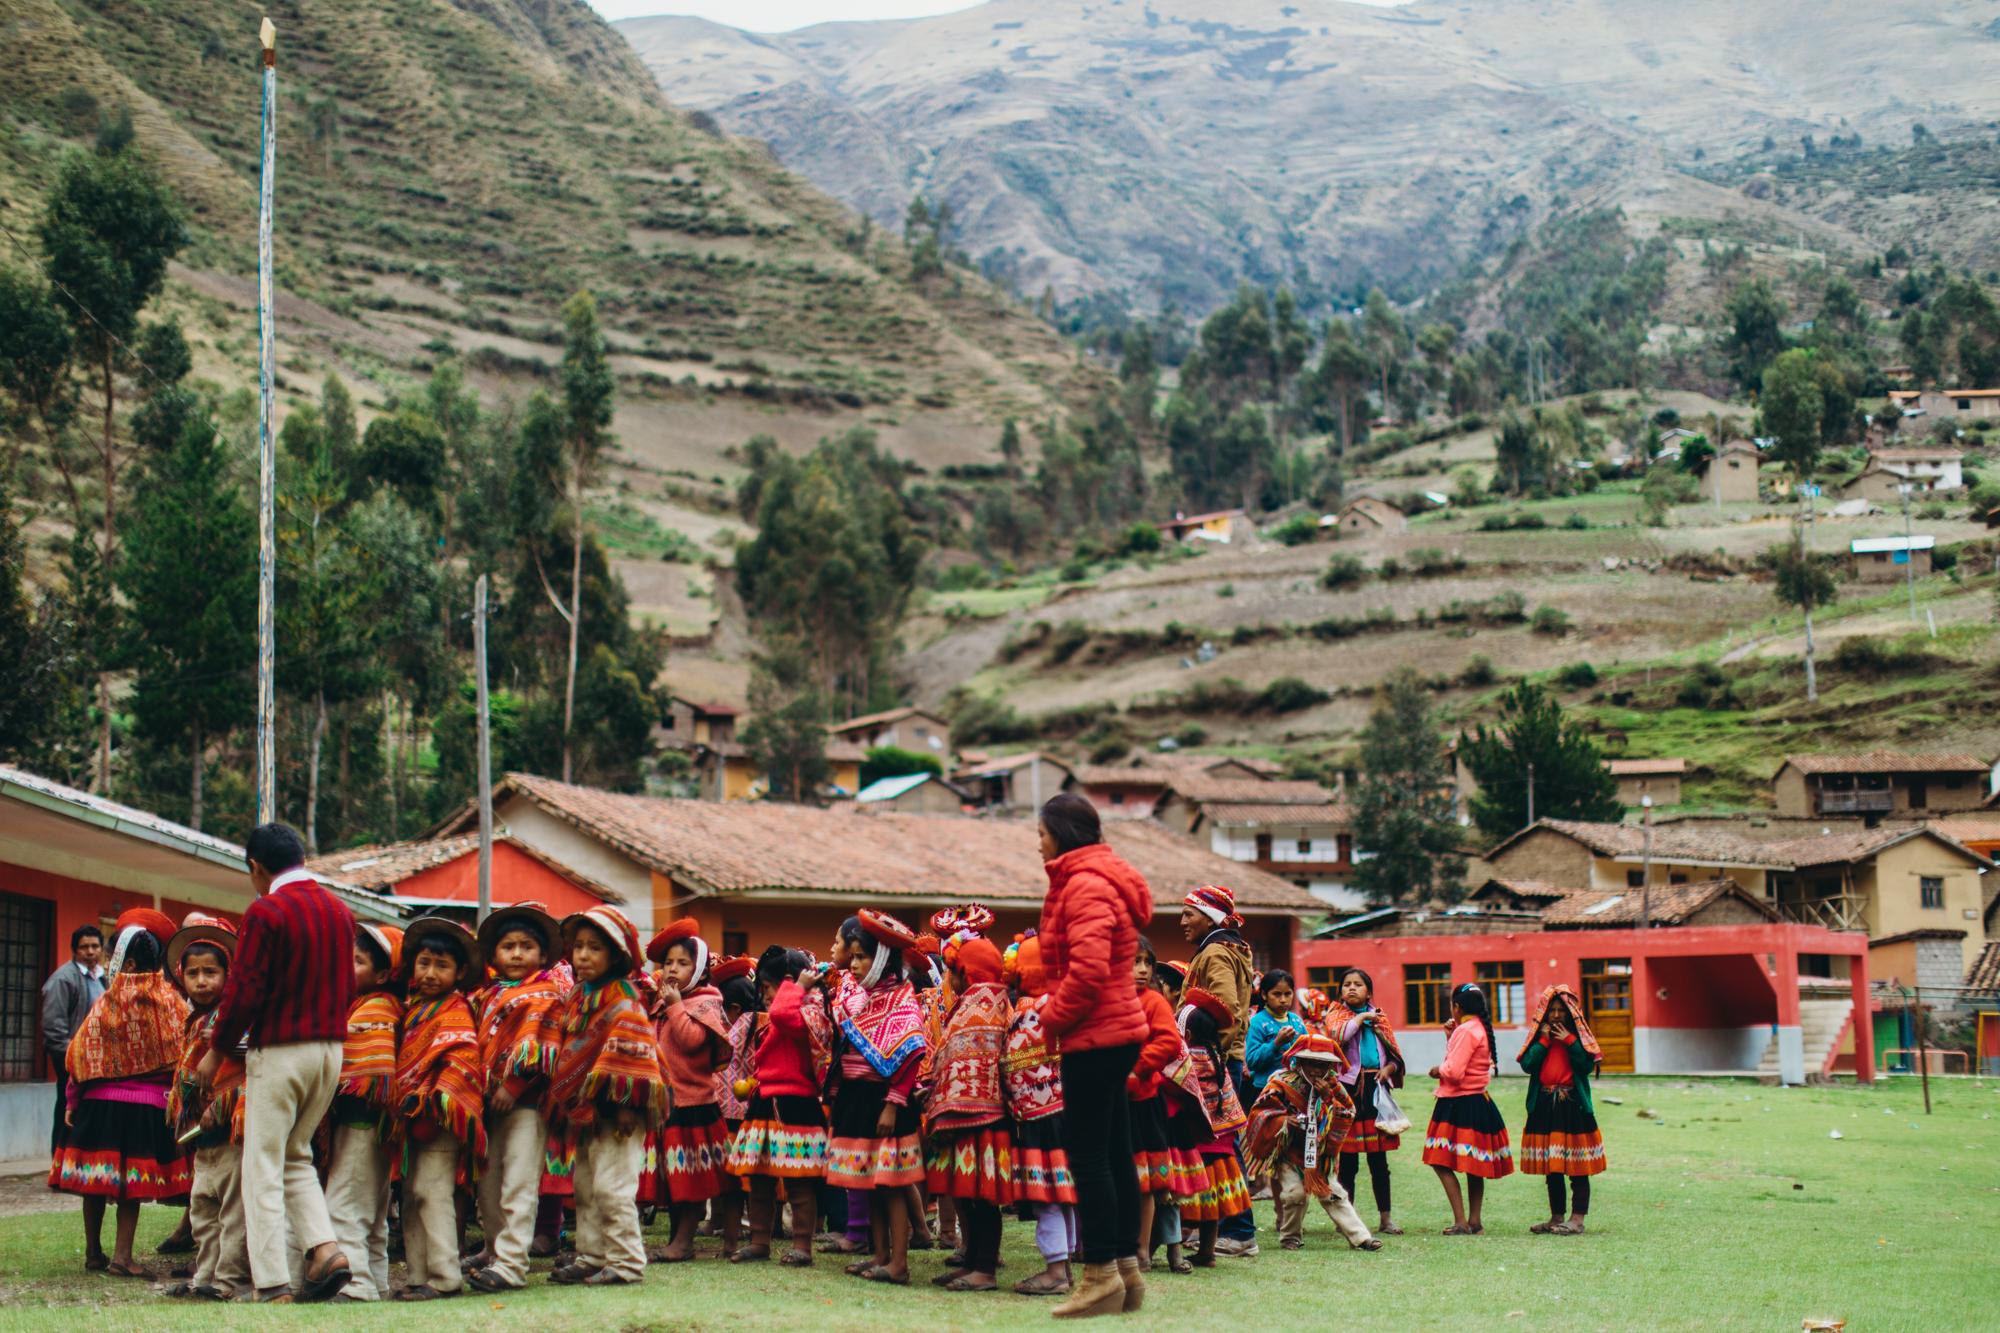 Peru_HBGOODIE2018 (31 of 43).jpg